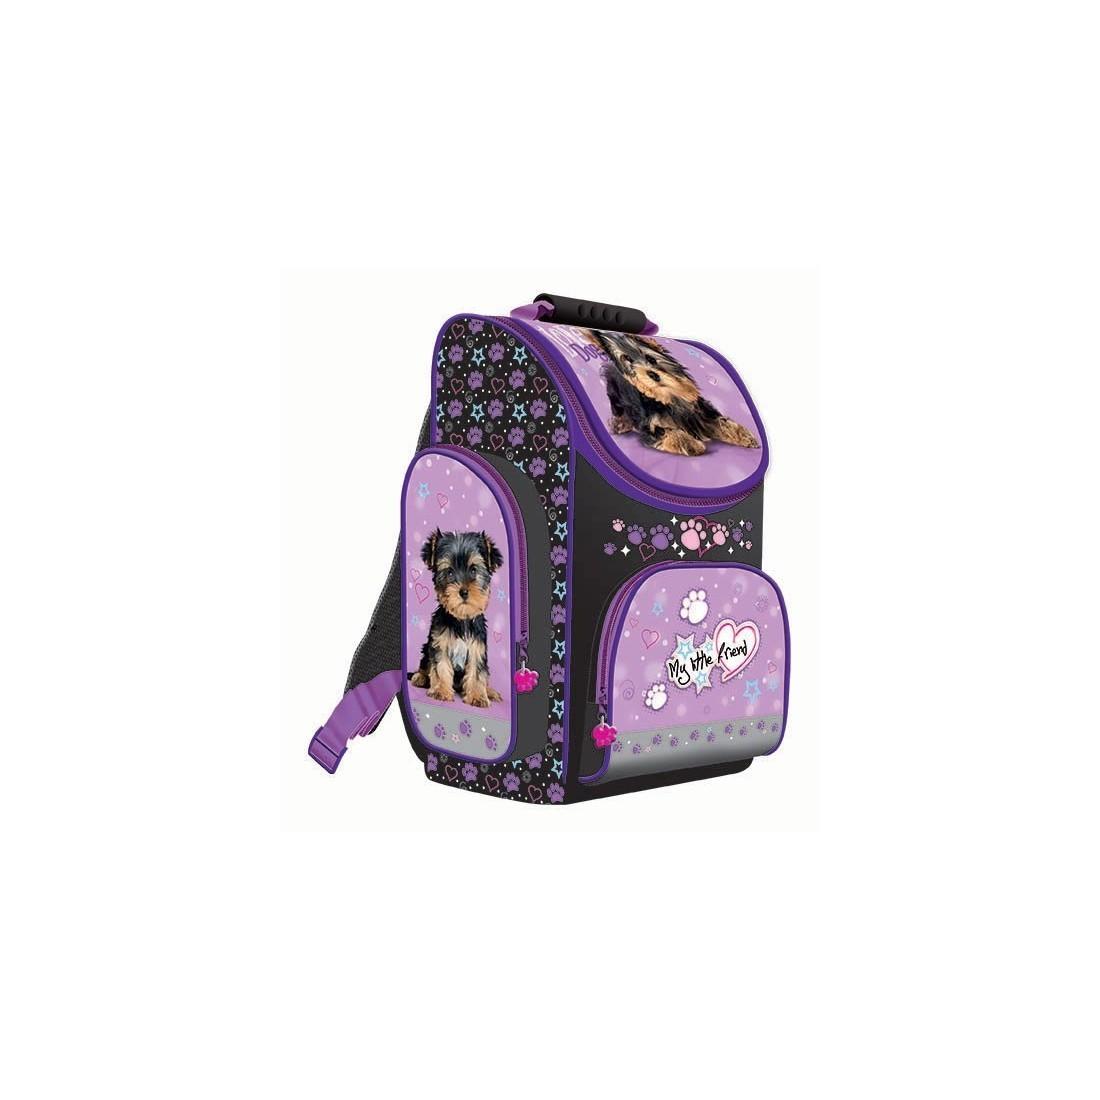 TORNISTER - MY LITTLE FRIEND z pieskiem york fioletowy dla dziewczynki - plecak-tornister.pl